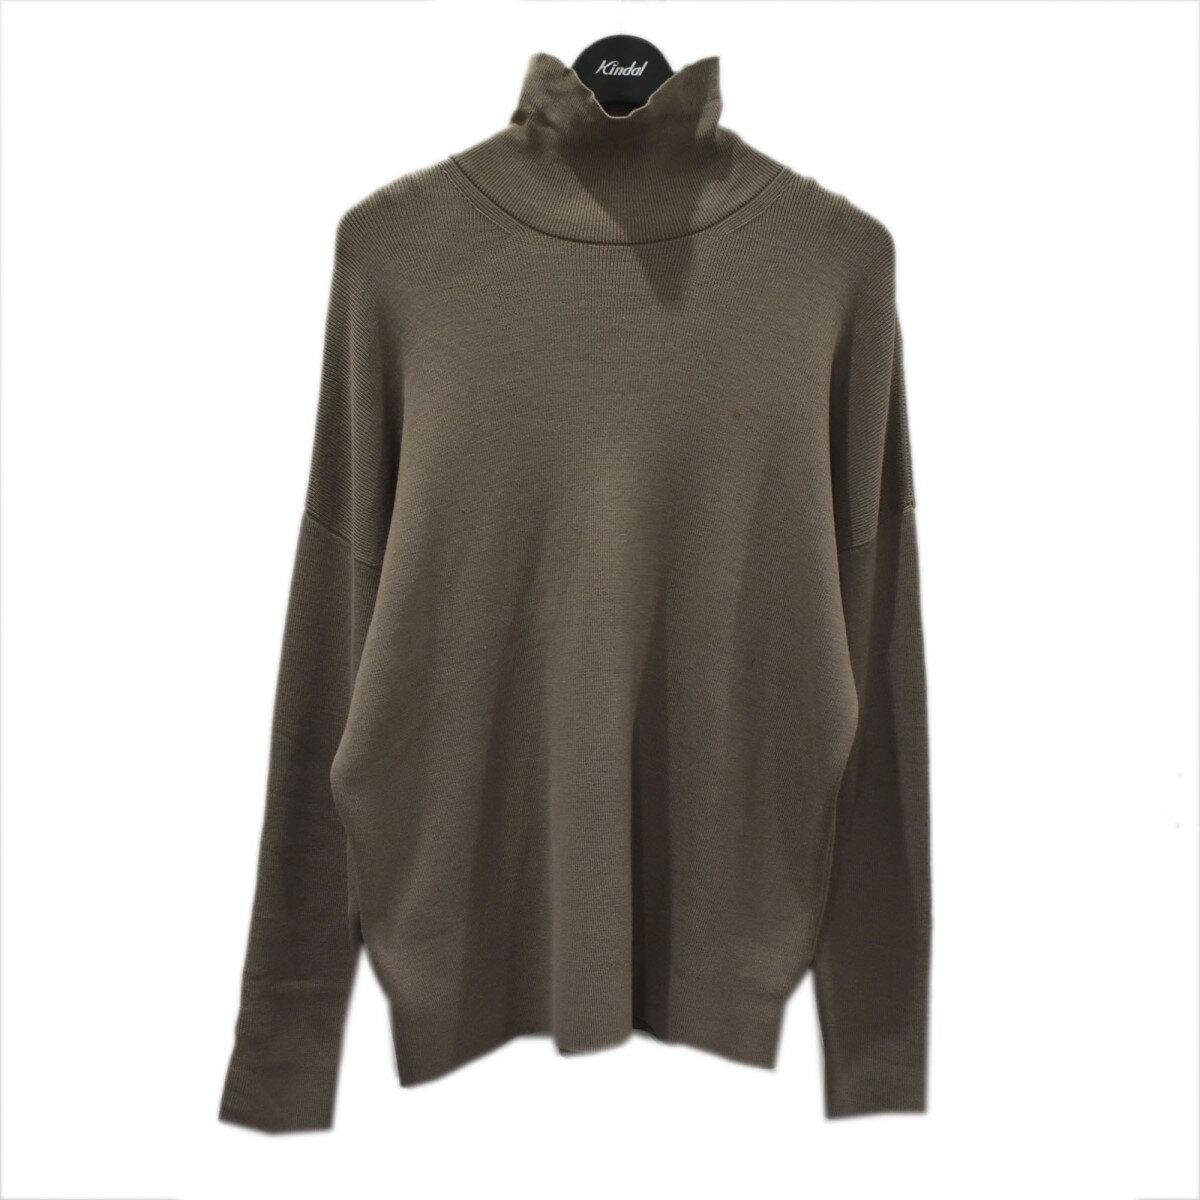 トップス, カーディガン AURALEE Super Fine Wool Ski Knit Turtle Neck PO 3 010921